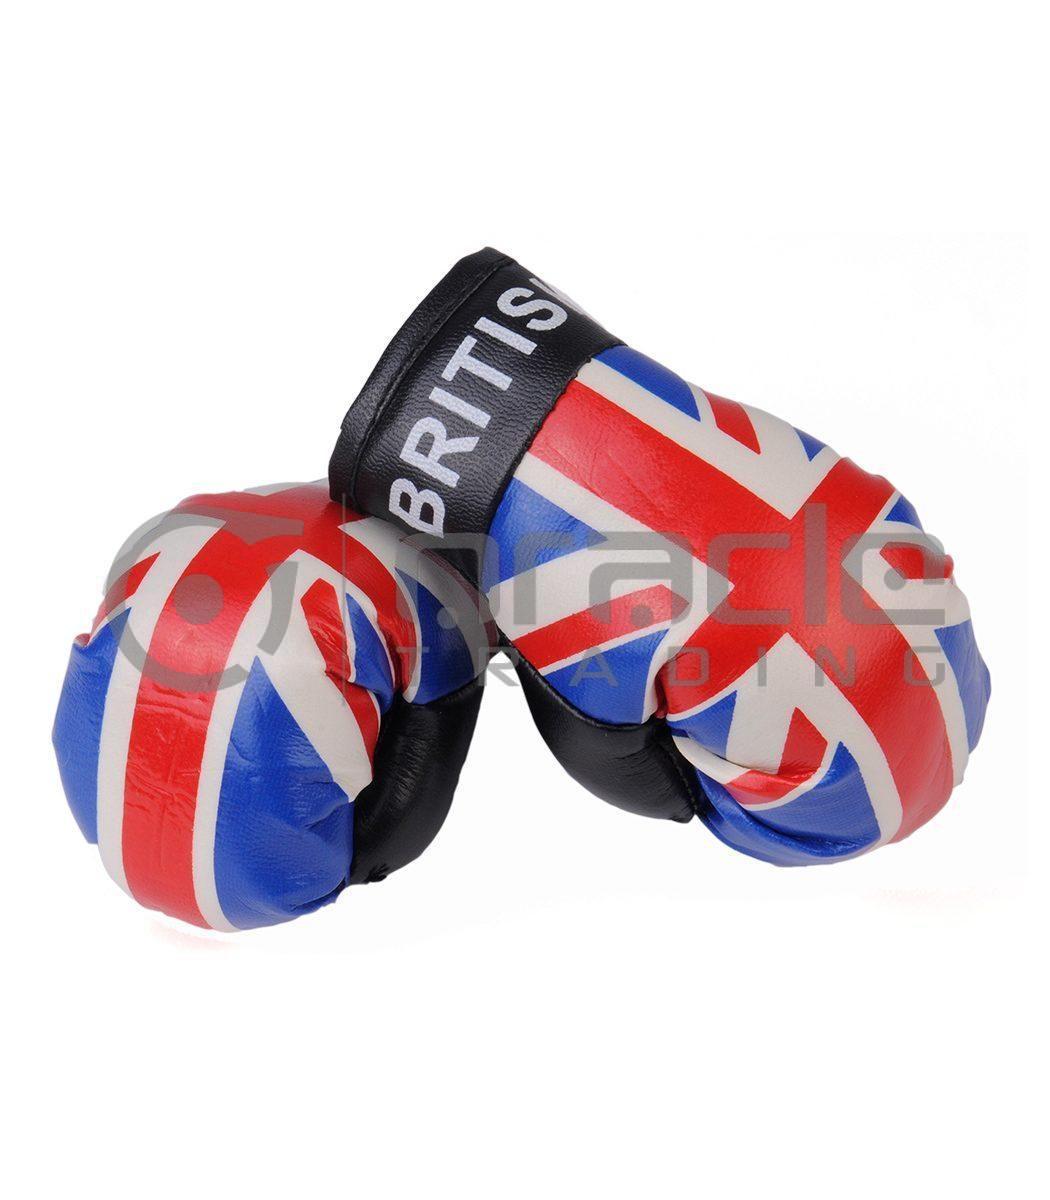 UK Boxing Gloves (United Kingdom)